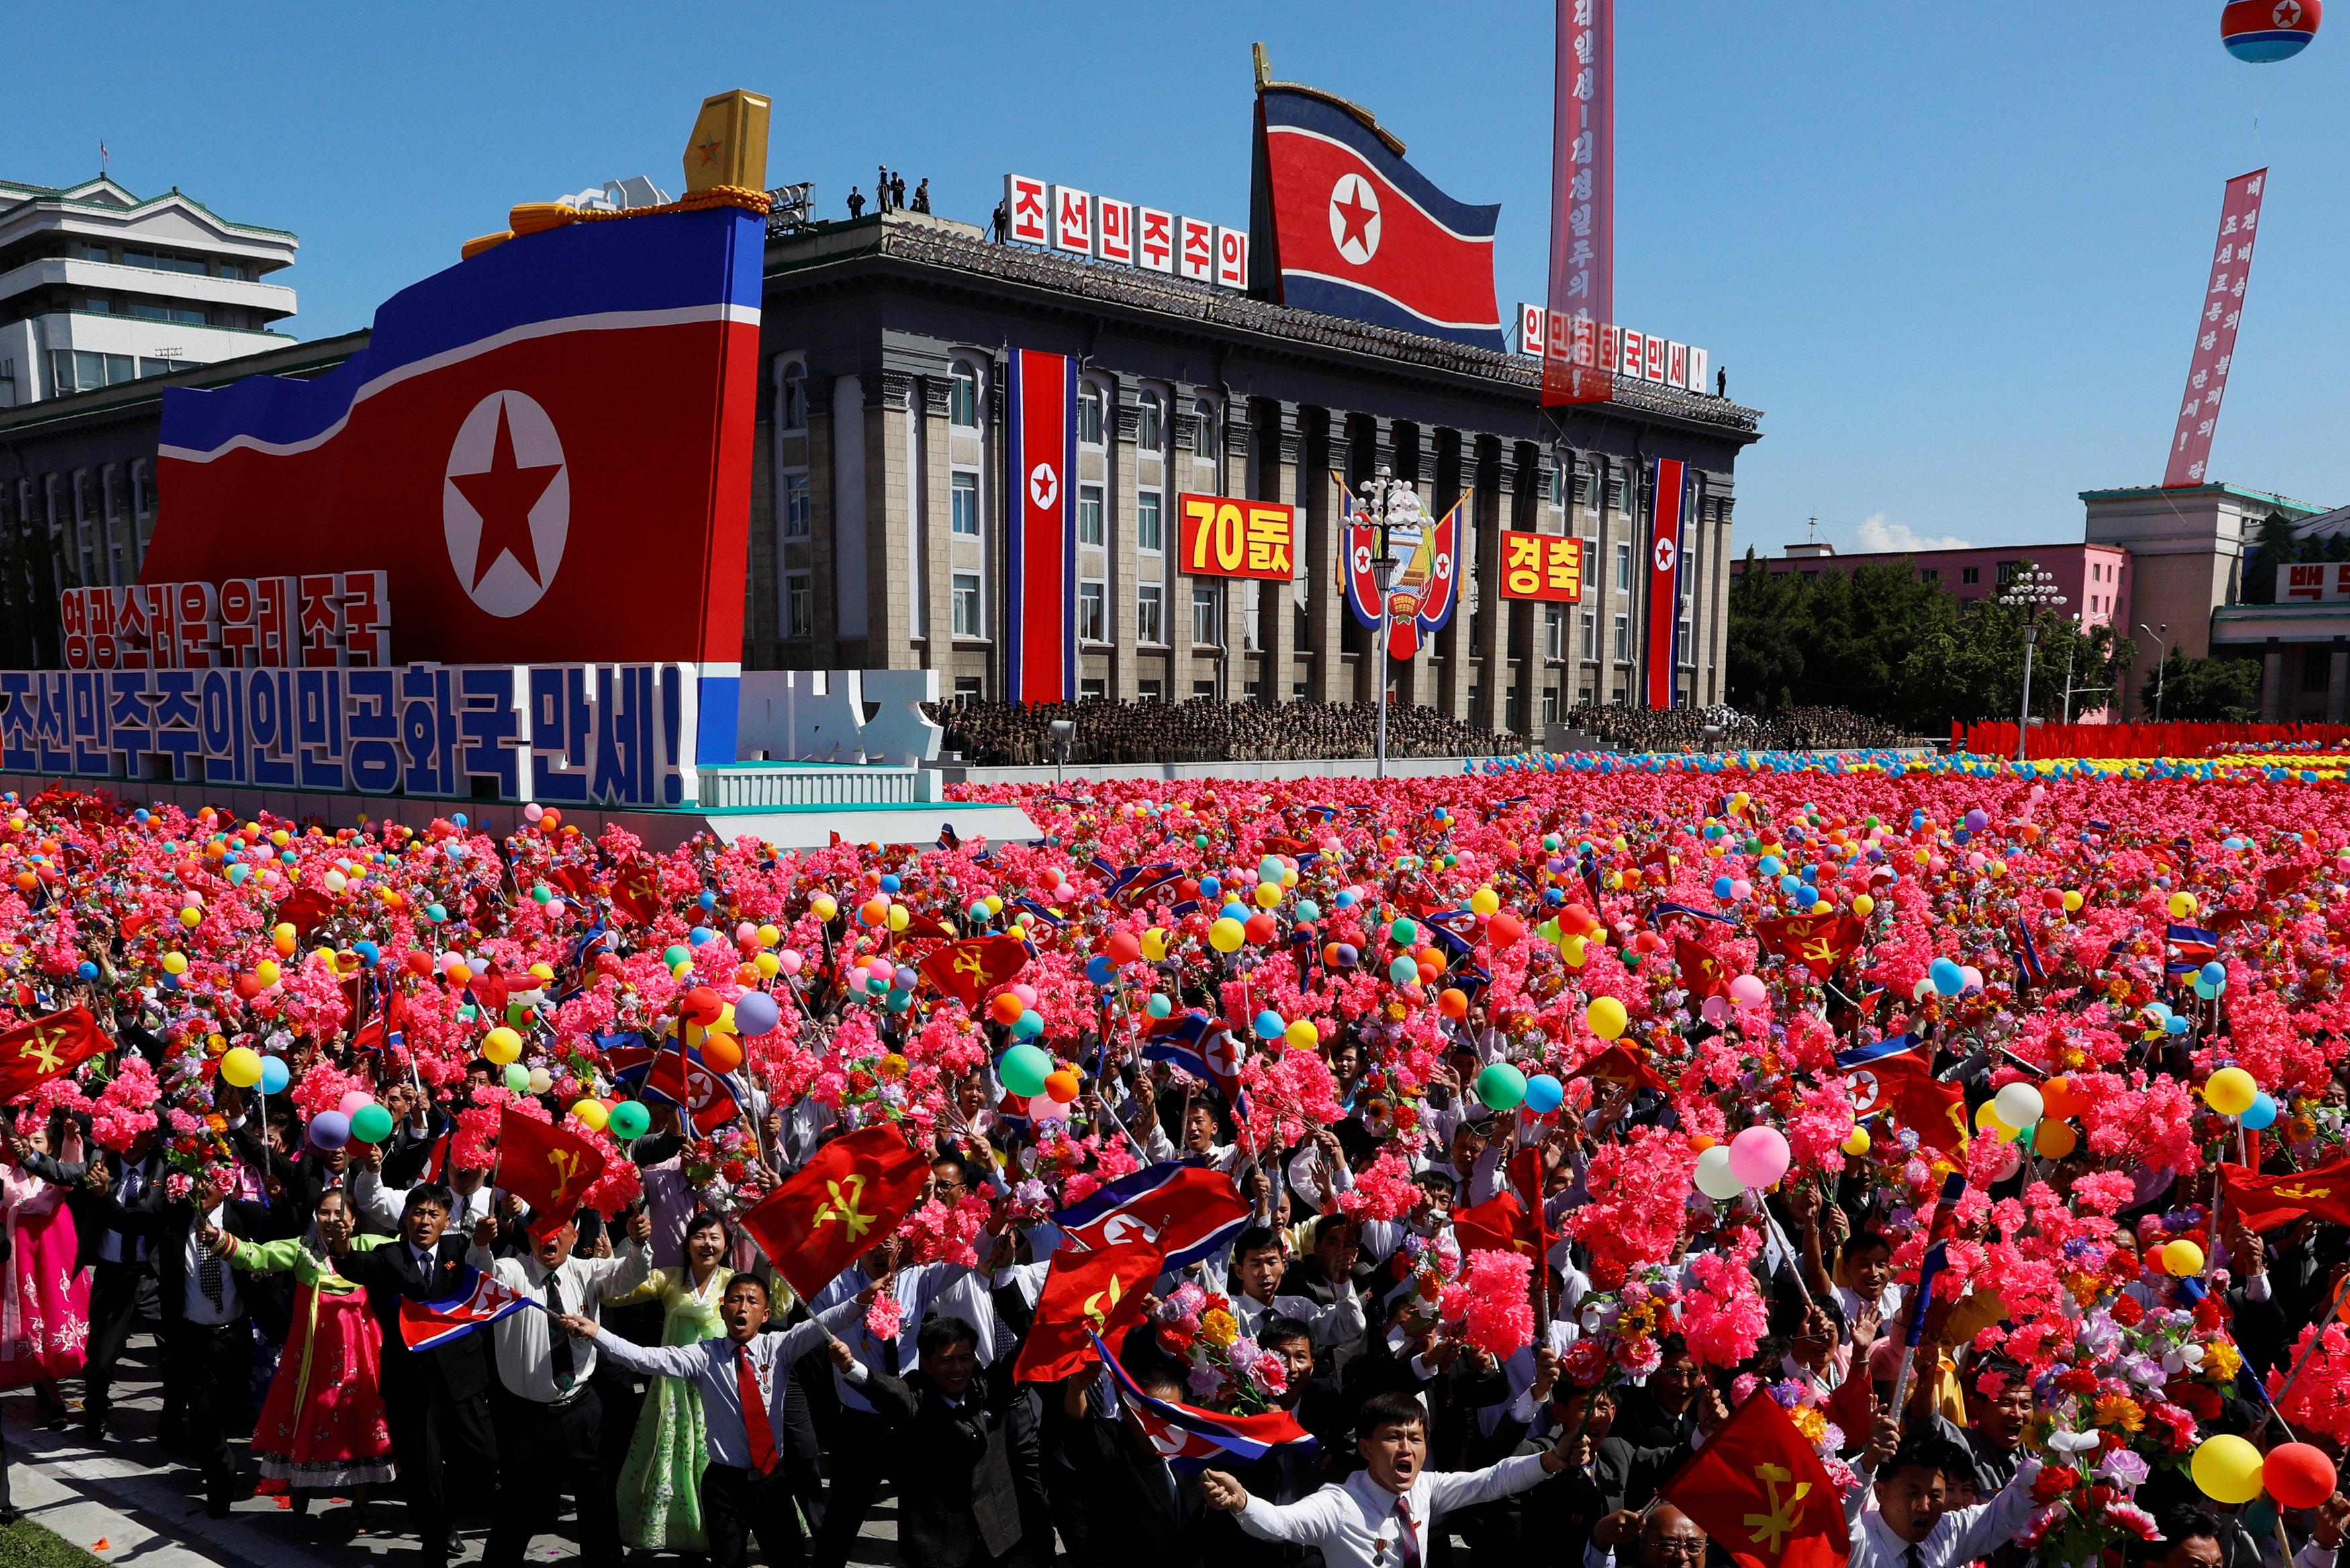 الناس يرفعون الزهور البلاستيكية والبالونات خلال العرض العسكرى